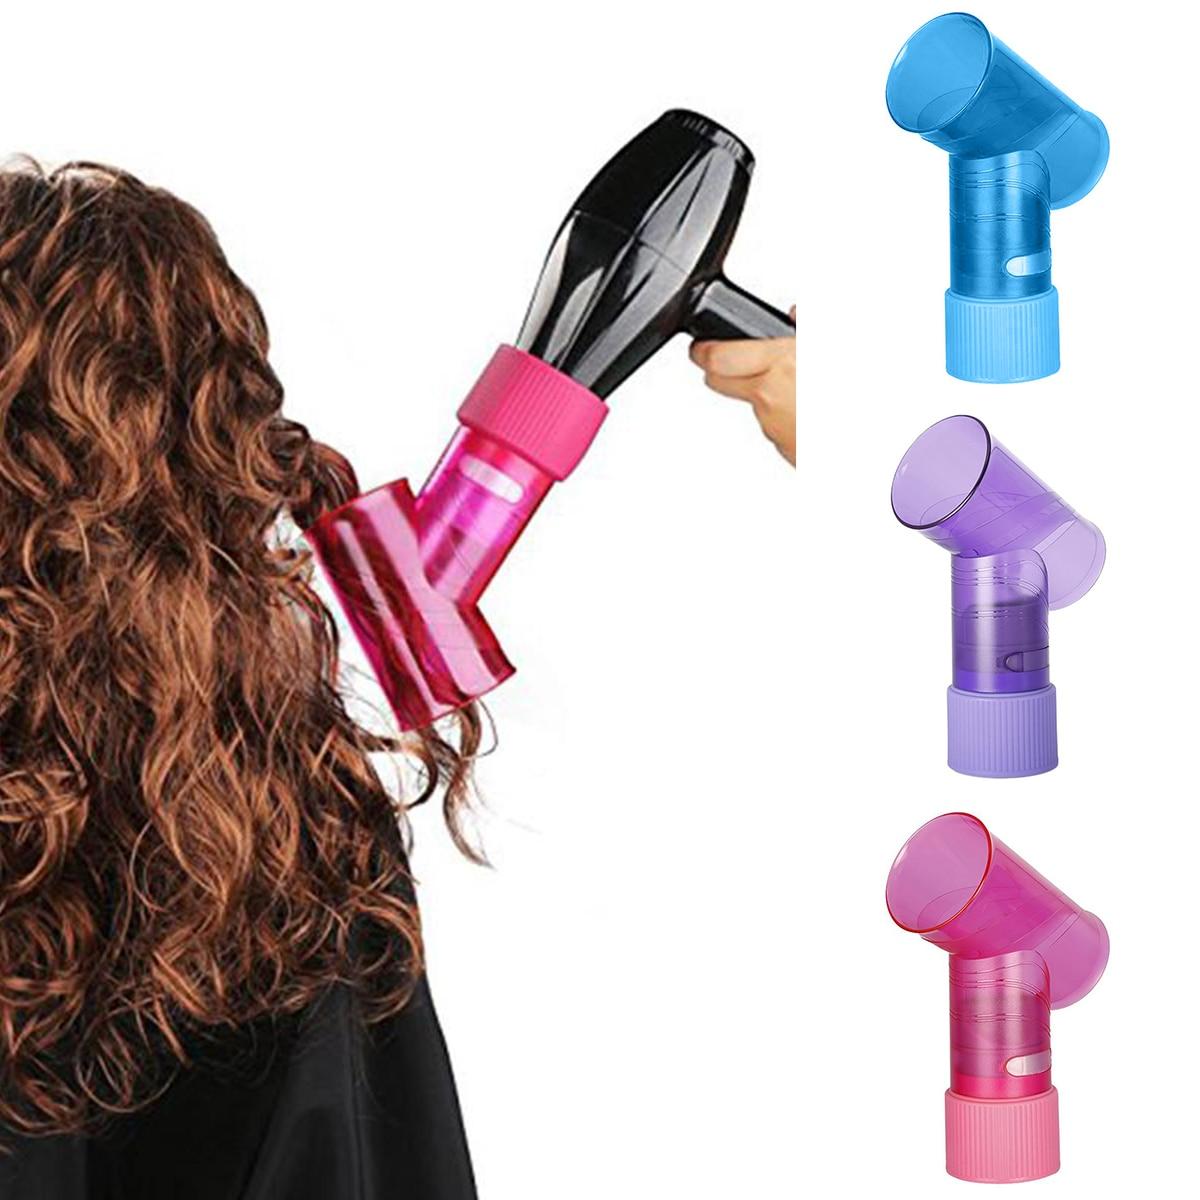 Haar Curl Diffusor Trockner Haar Abdeckung Haartrockner Lockige Trocknen Haar Curler Styling Werkzeug Haar Roller Trocknen Fön Zubehör